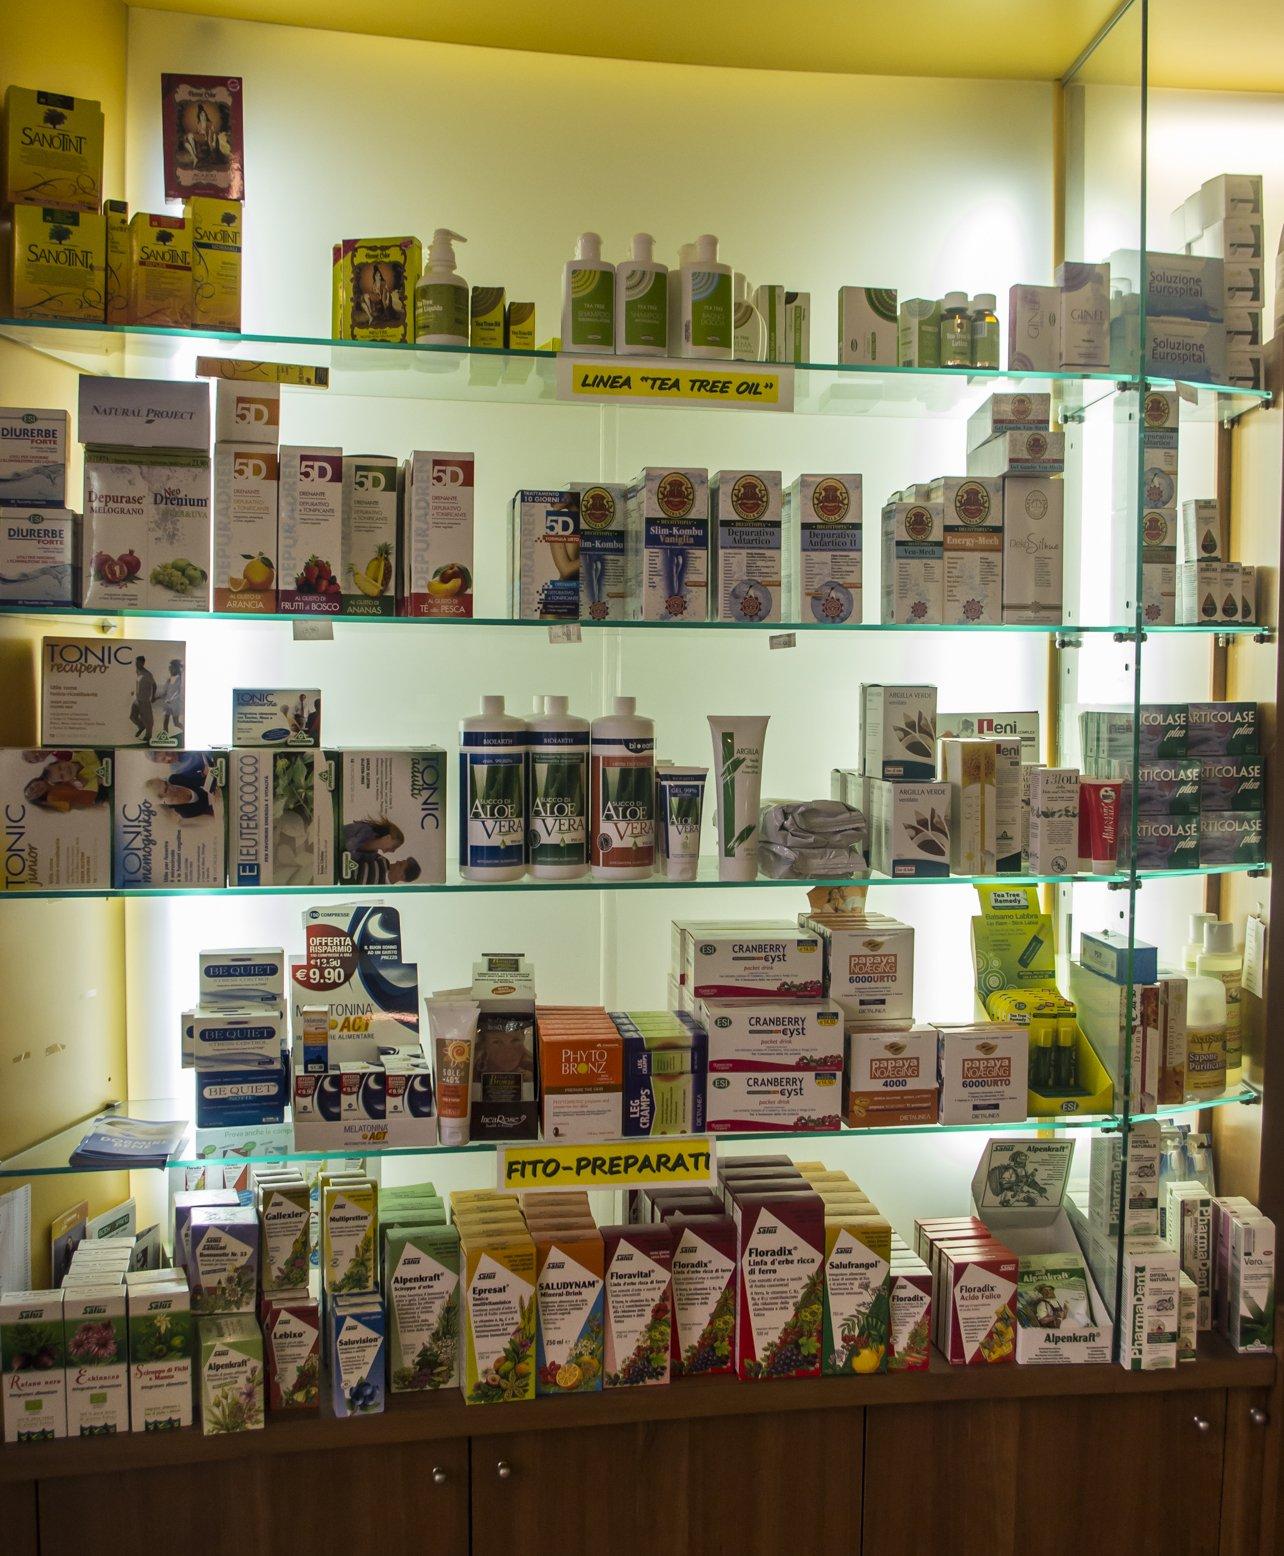 delle mensole con prodotti di Linea Tea Tree Oil e Fitopreparati